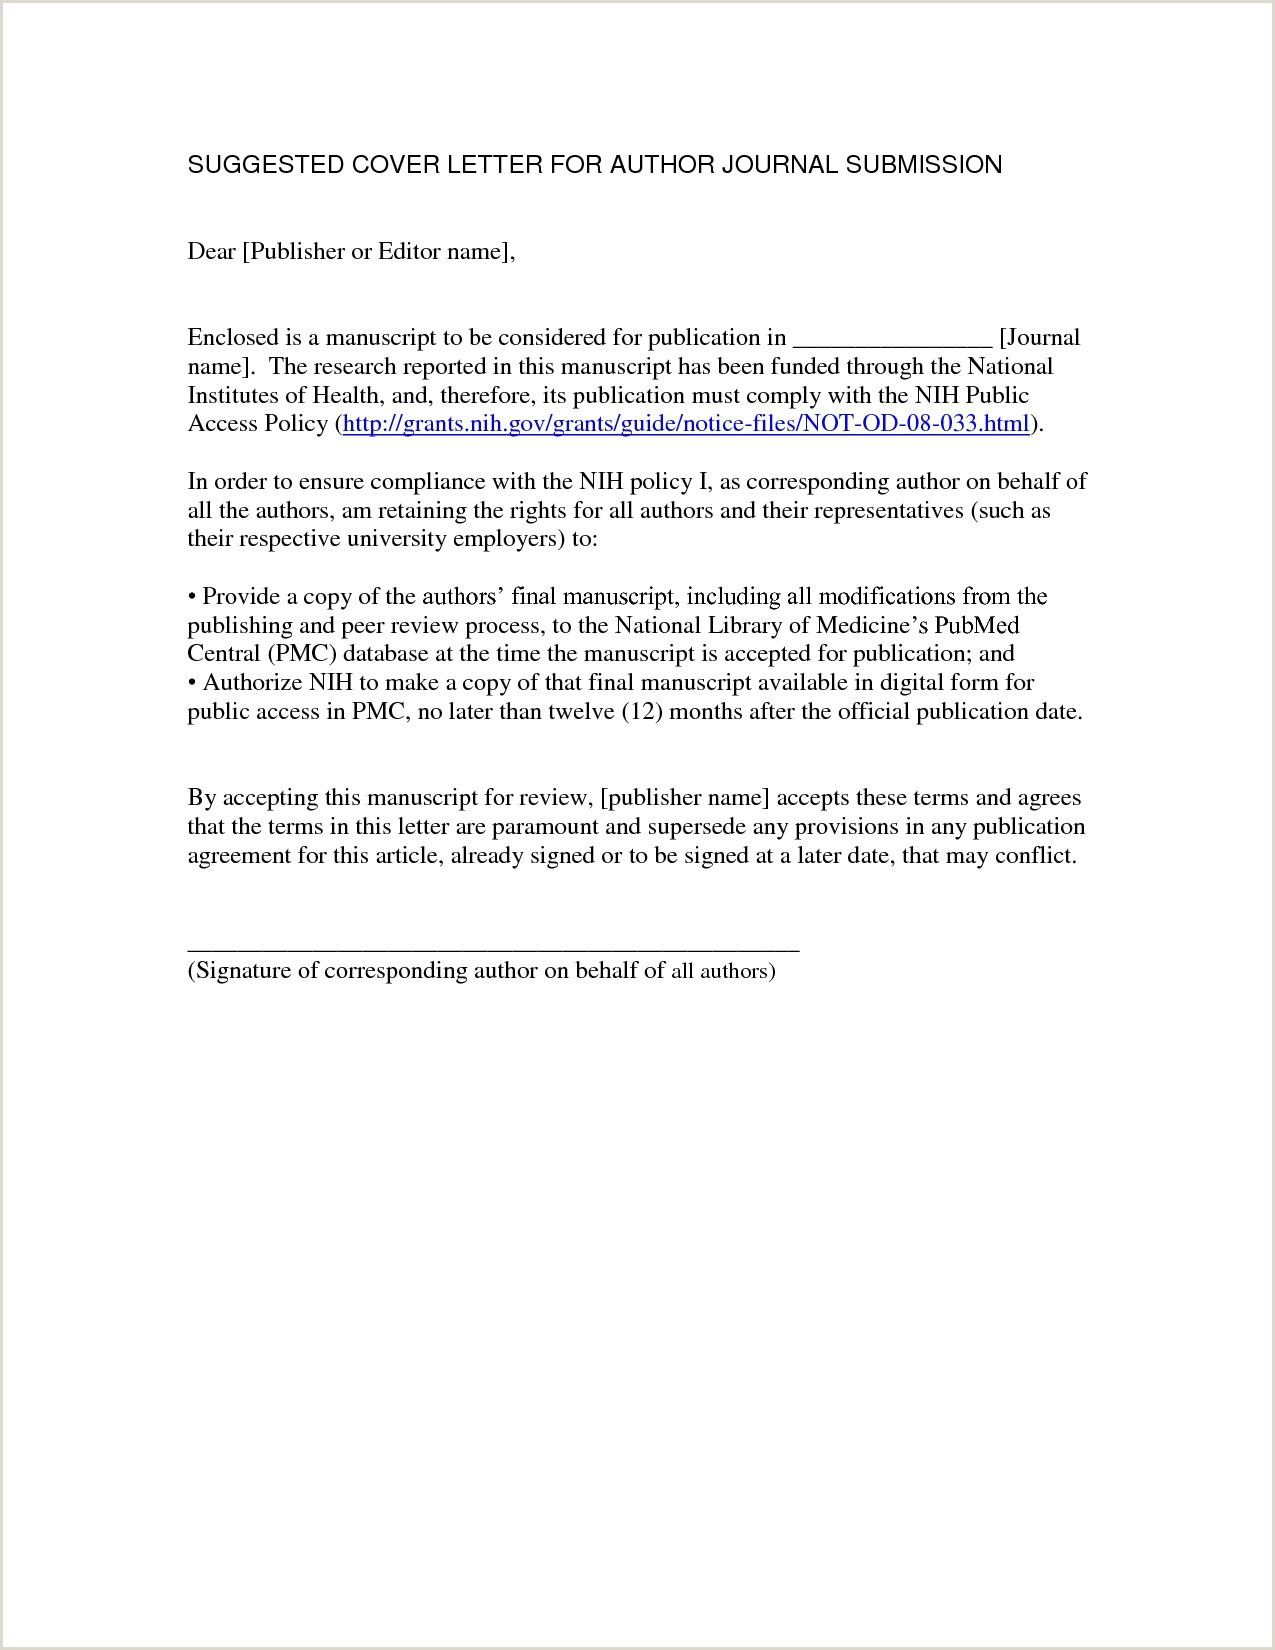 Cv format for Job Pdf Cv Cover Letter format Pdf New Cover Letter for Journal